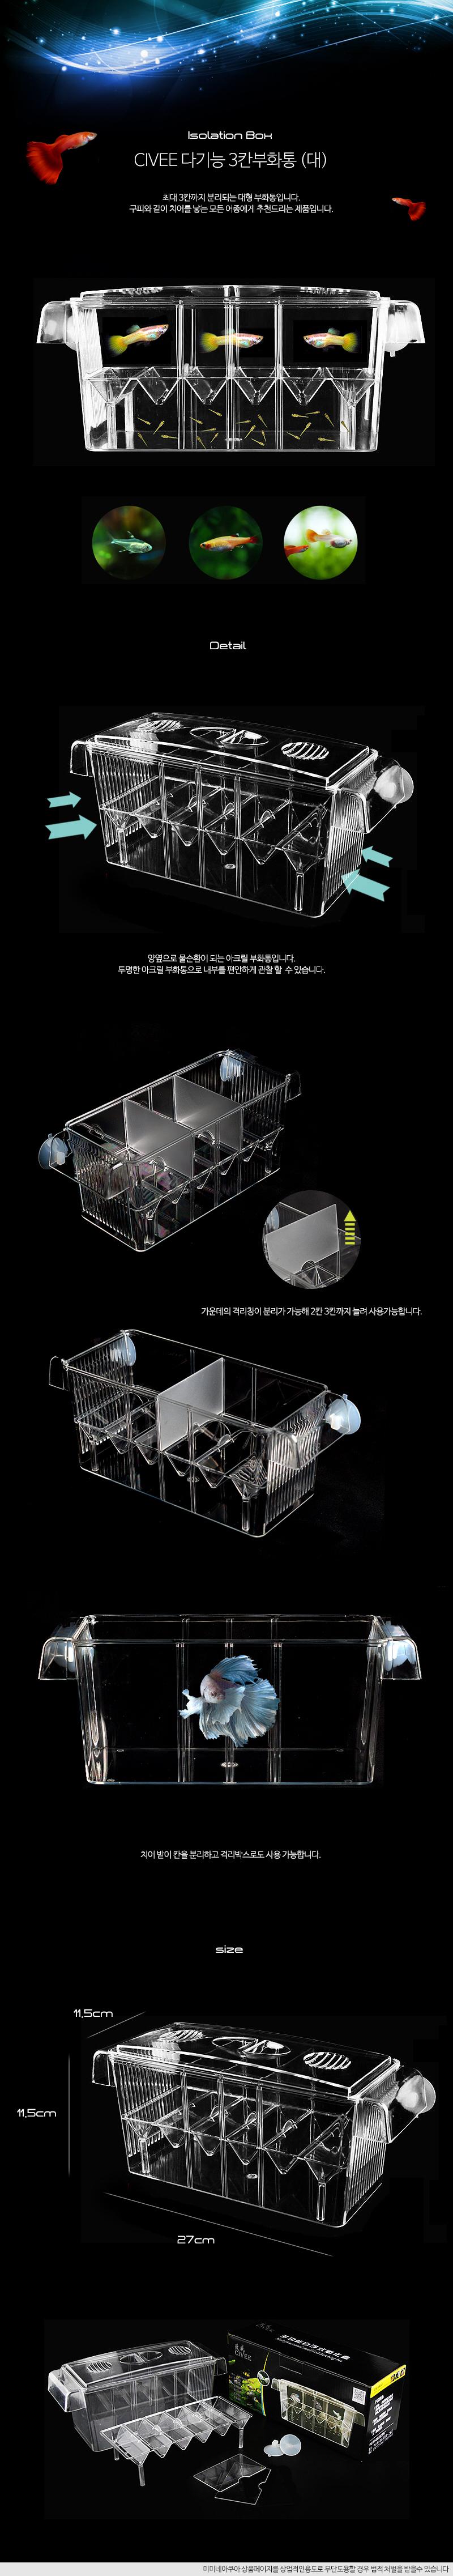 CIVEE 다기능 3칸부화통 (대) - 격리통 - 미미네아쿠아, 6,000원, 청소용품, 청소도구